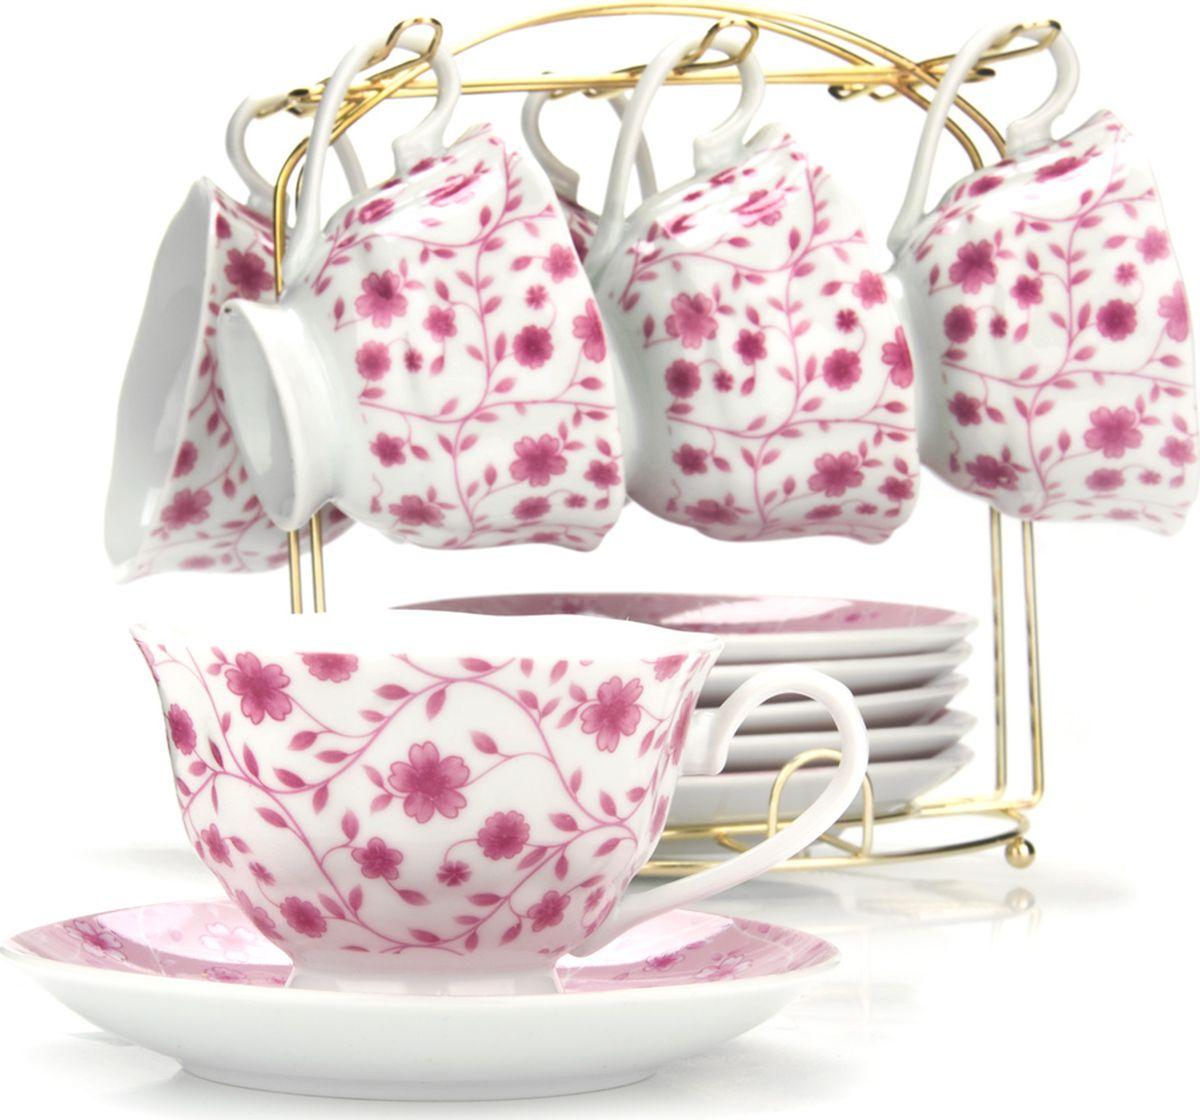 Сервиз чайный Loraine, на подставке, 13 предметов. 43297115610Чайный набор состоит из шести чашек, шести блюдец и металлической подставки золотого цвета. Предметы набора изготовлены из качественного фарфора и оформлены красочным цветным рисунком. Чайный набор идеально подойдет для сервировки стола и станет отличным подарком к любому празднику. Все изделия можно компактно хранить на подставке, входящей в набор. Подходит для мытья в посудомоечной машине.Диаметр чашки: 9,5 см.Высота чашки: 6,5 см.Объем чашки: 180 мл.Диаметр блюдца: 14 см.